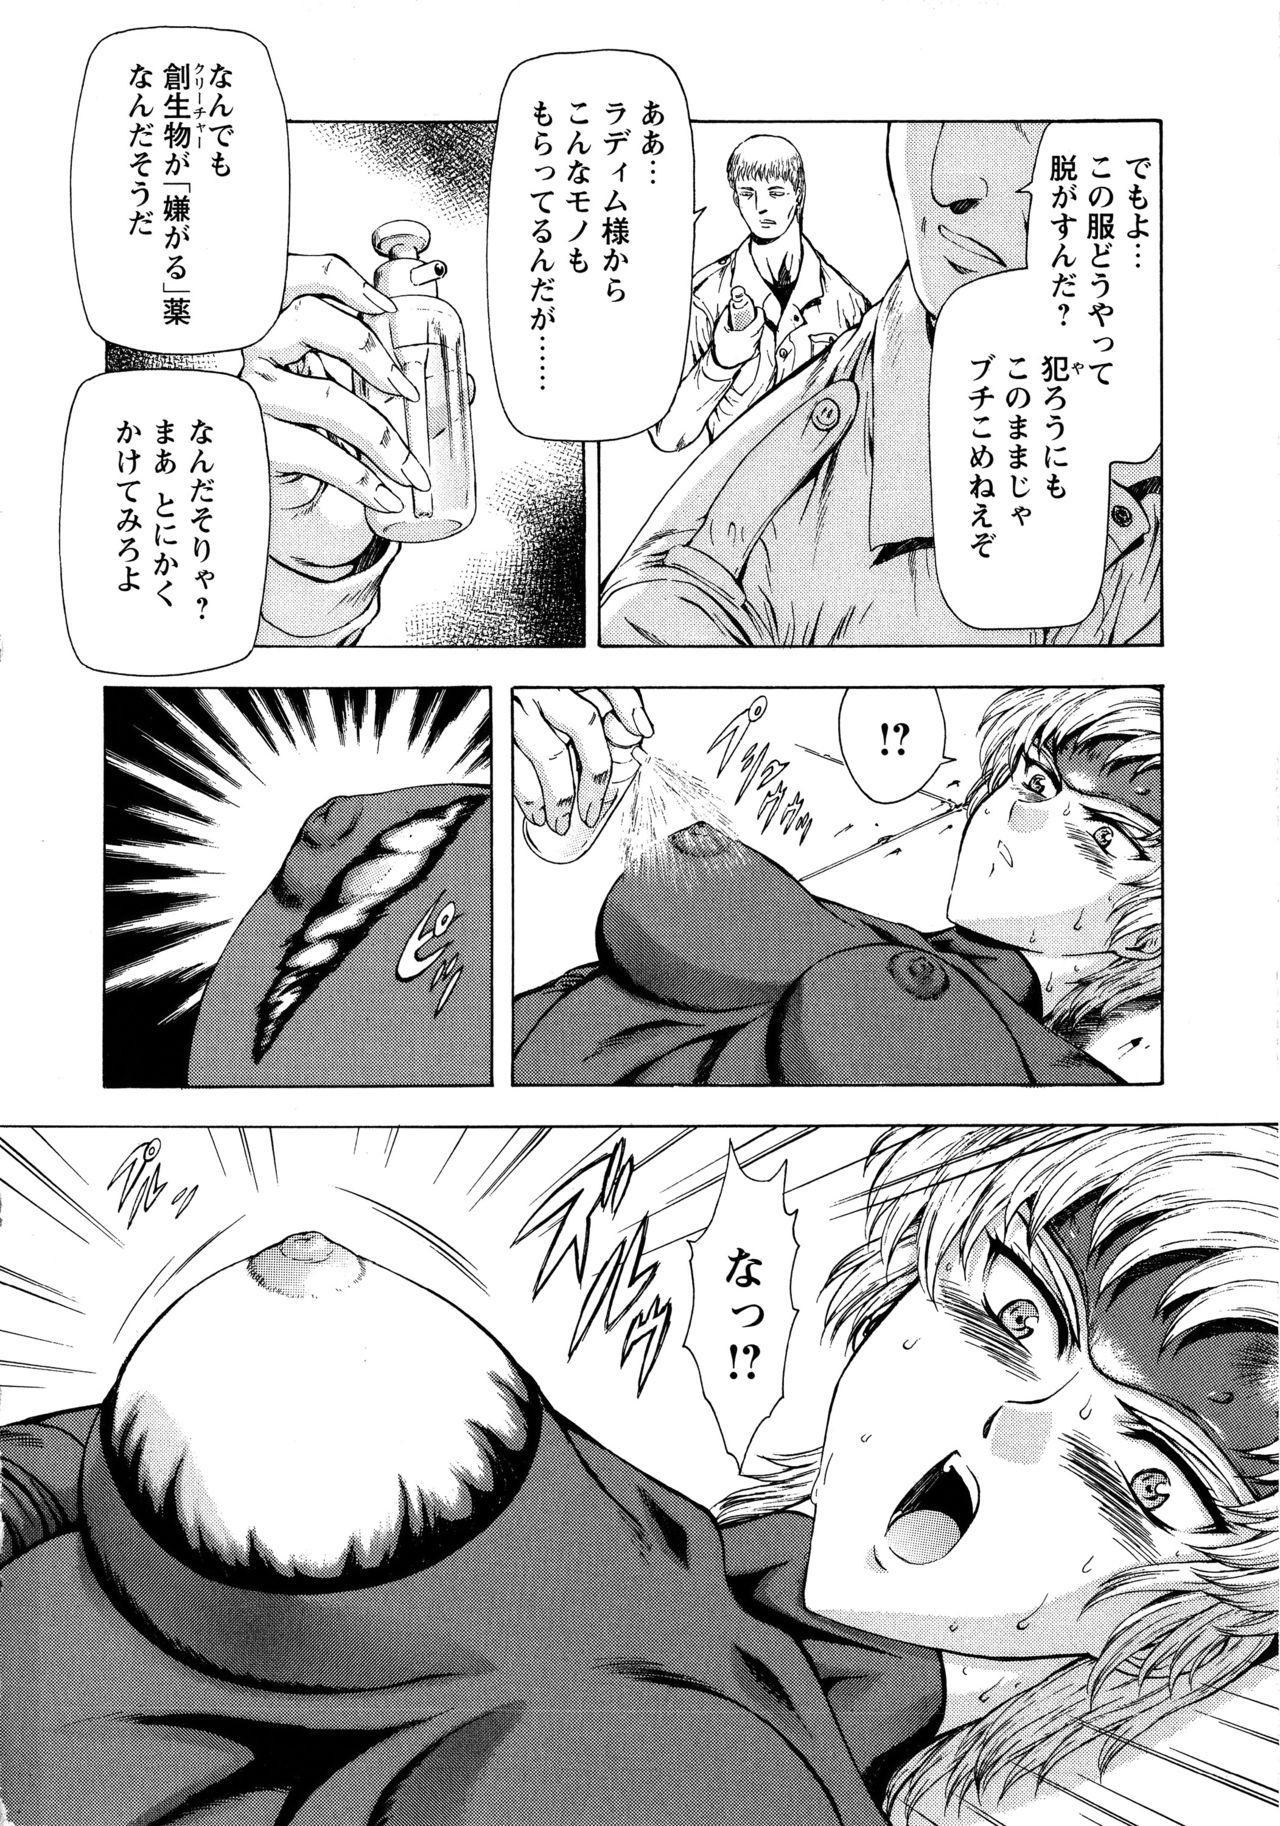 Ginryuu no Reimei Vol. 1 125